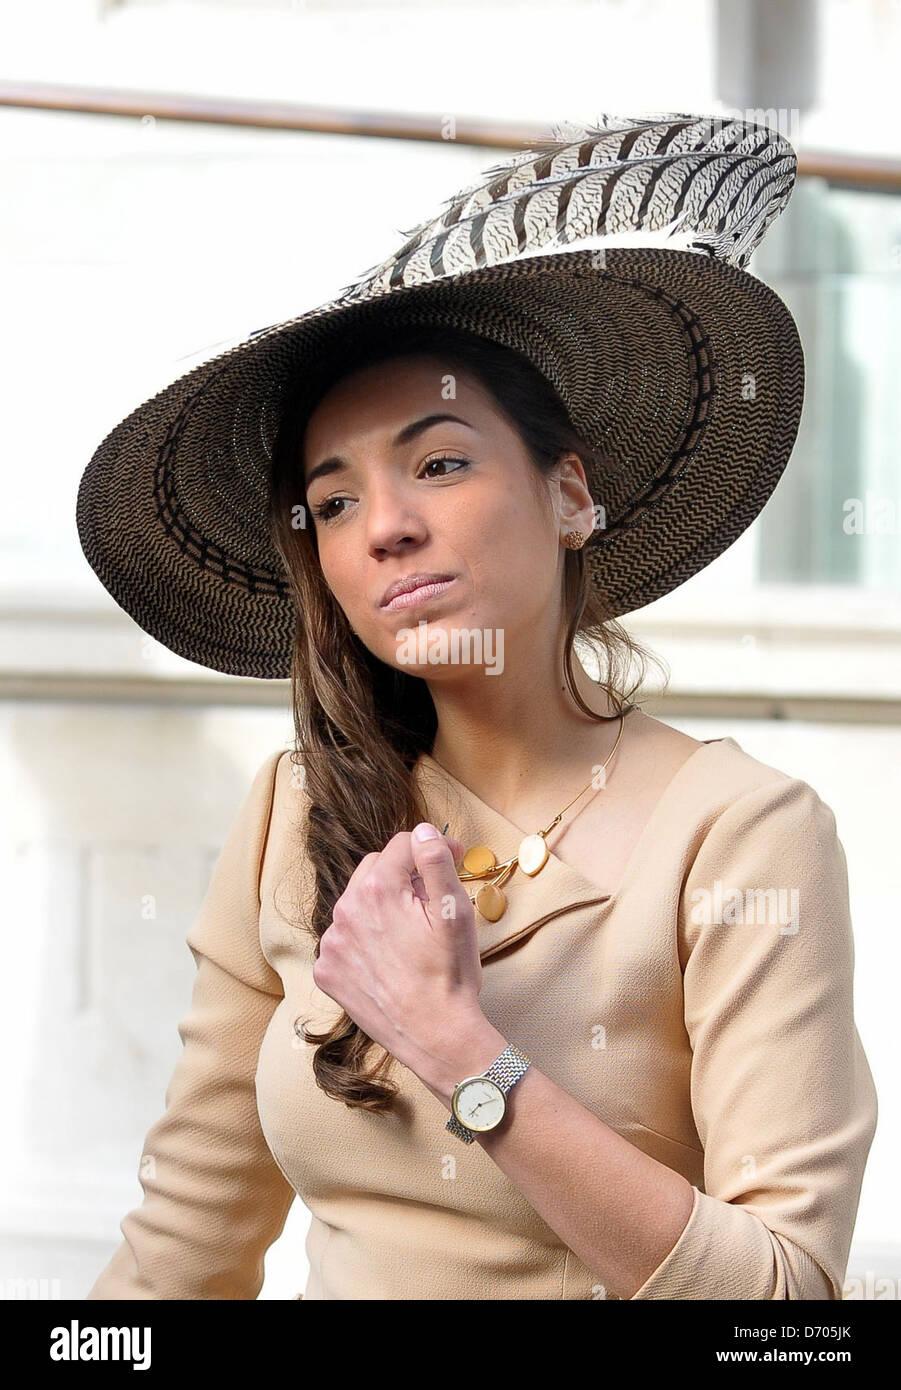 Irene Delgado